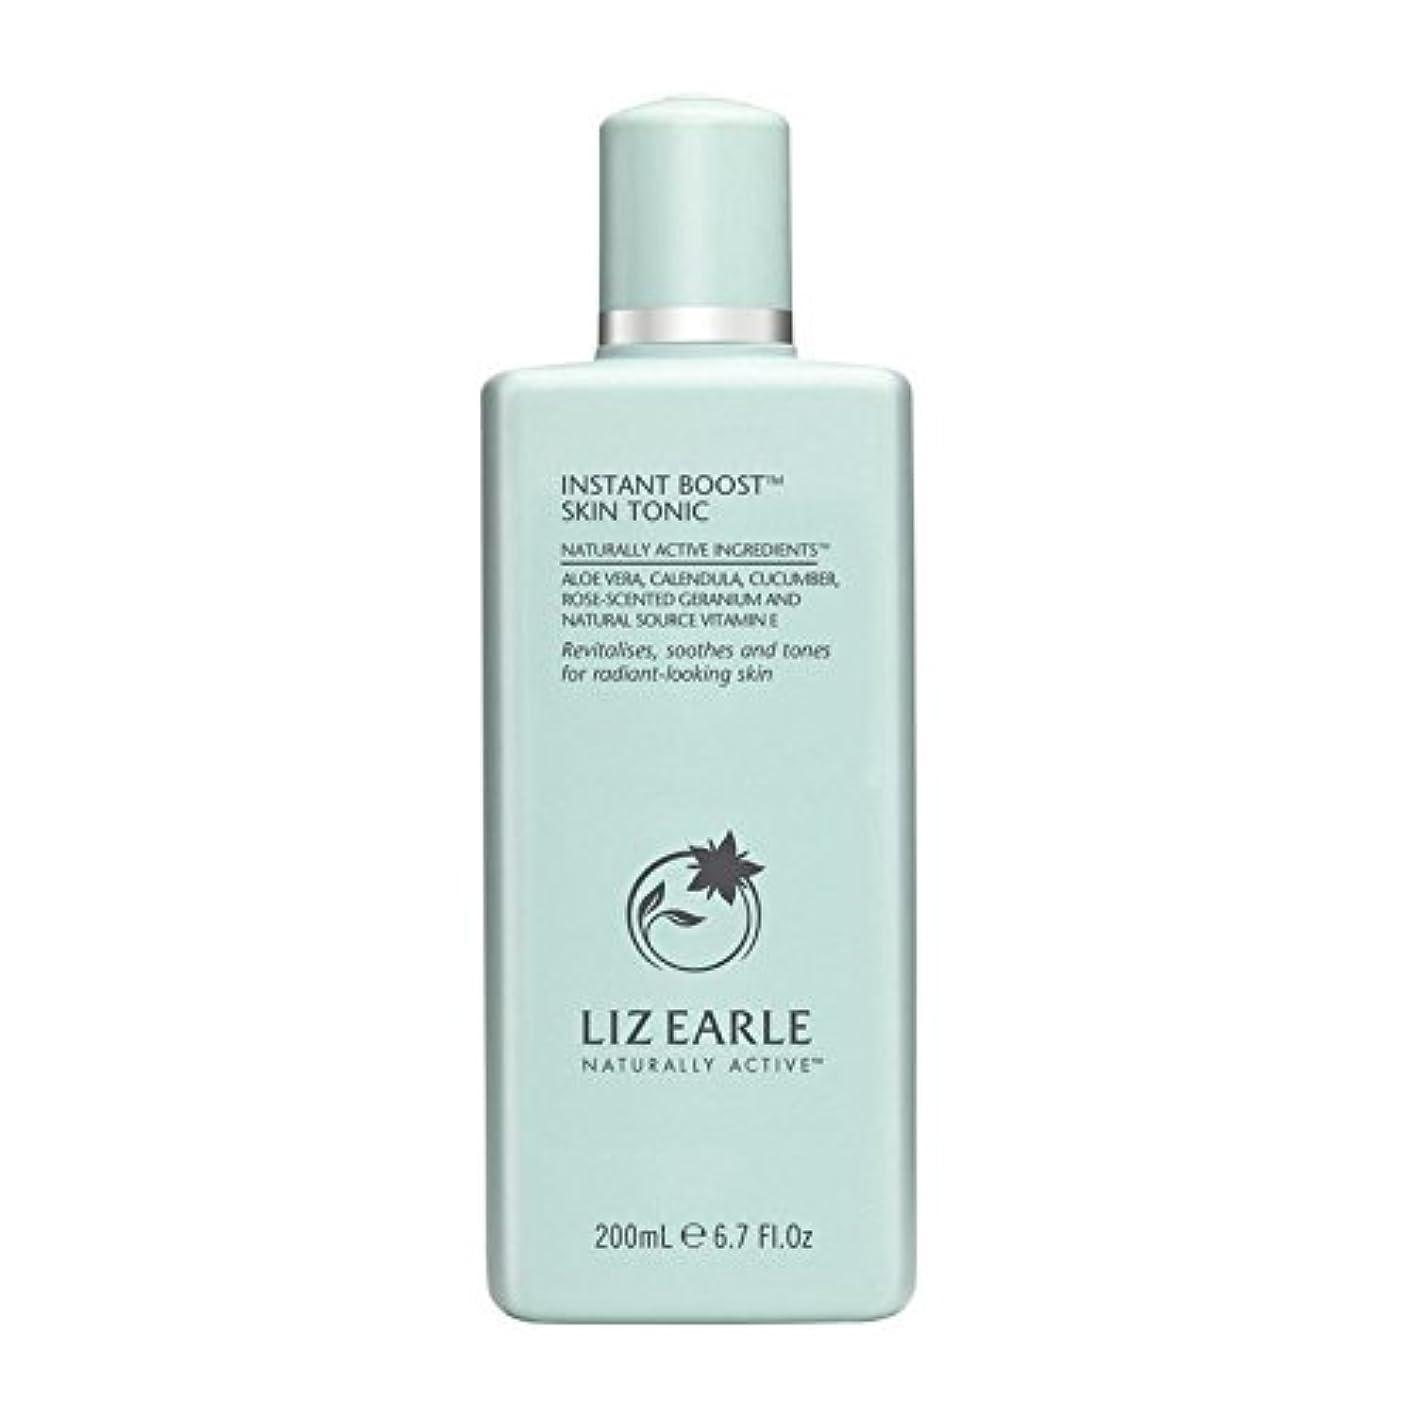 彫刻ファンアリーナLiz Earle Instant Boost Skin Tonic Bottle 200ml - リズアールインスタントブーストスキントニックボトル200ミリリットル [並行輸入品]